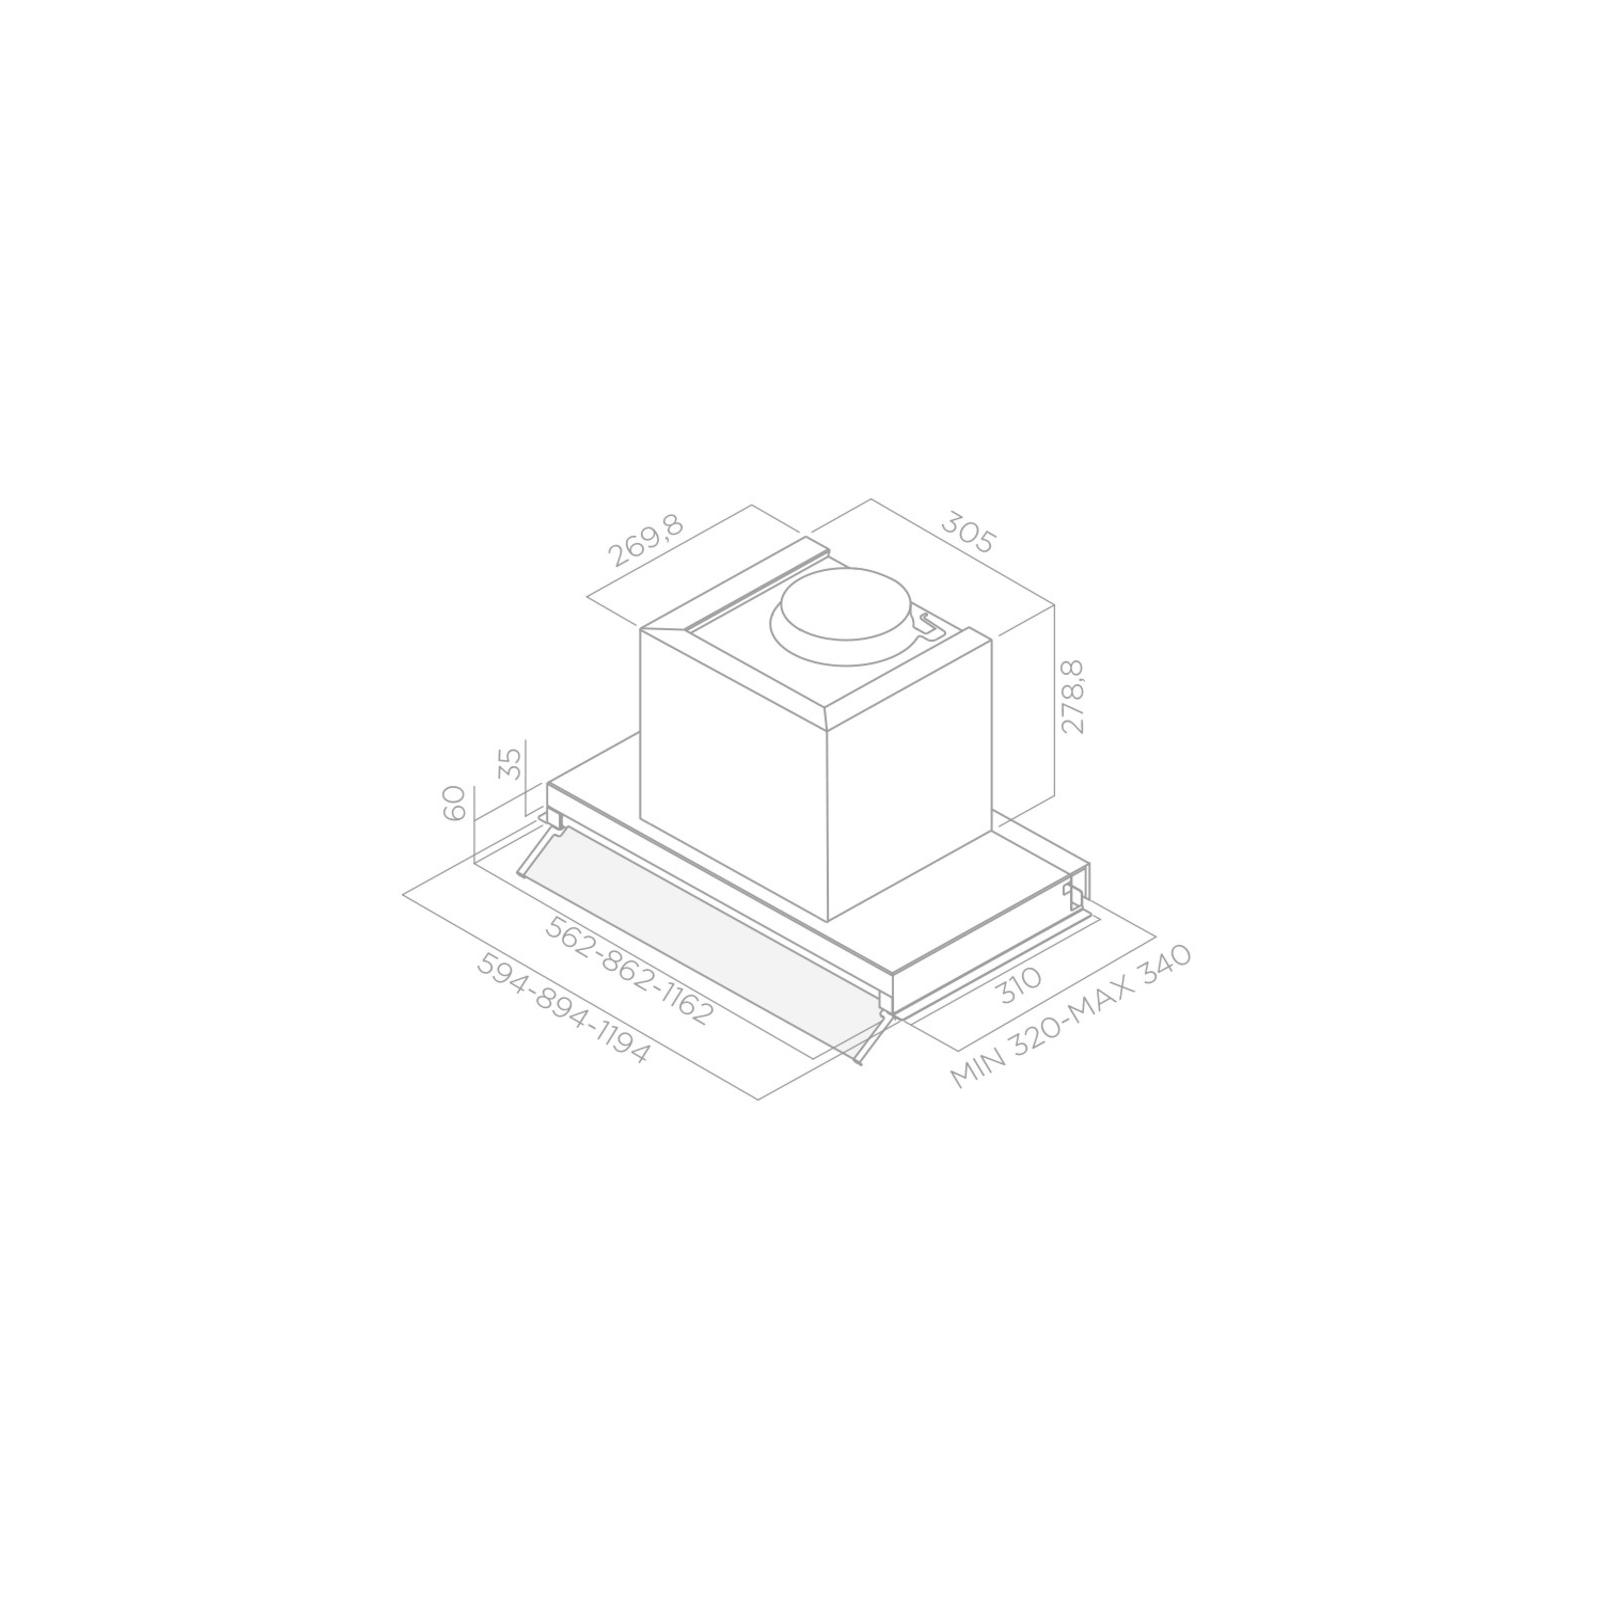 Вытяжка кухонная ELICA BOX IN PLUS IXGL/A/120 изображение 2